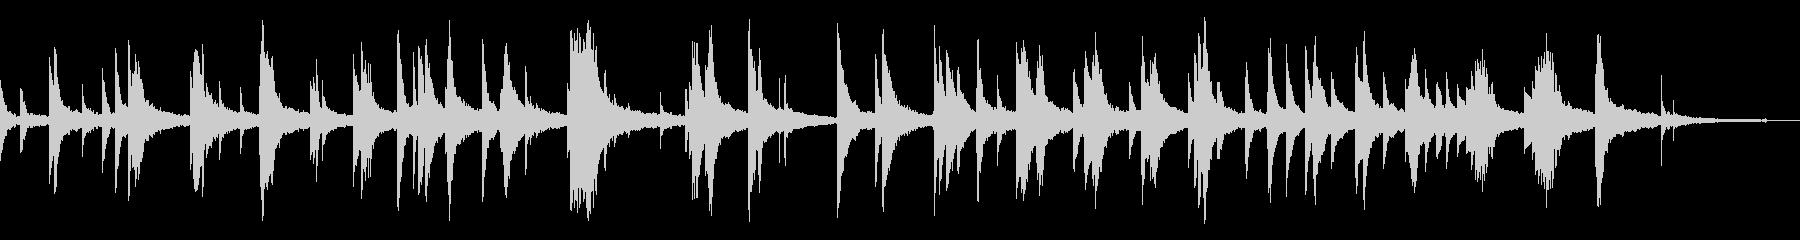 映像・ナレーション用ピアノ演奏(幻想)の未再生の波形